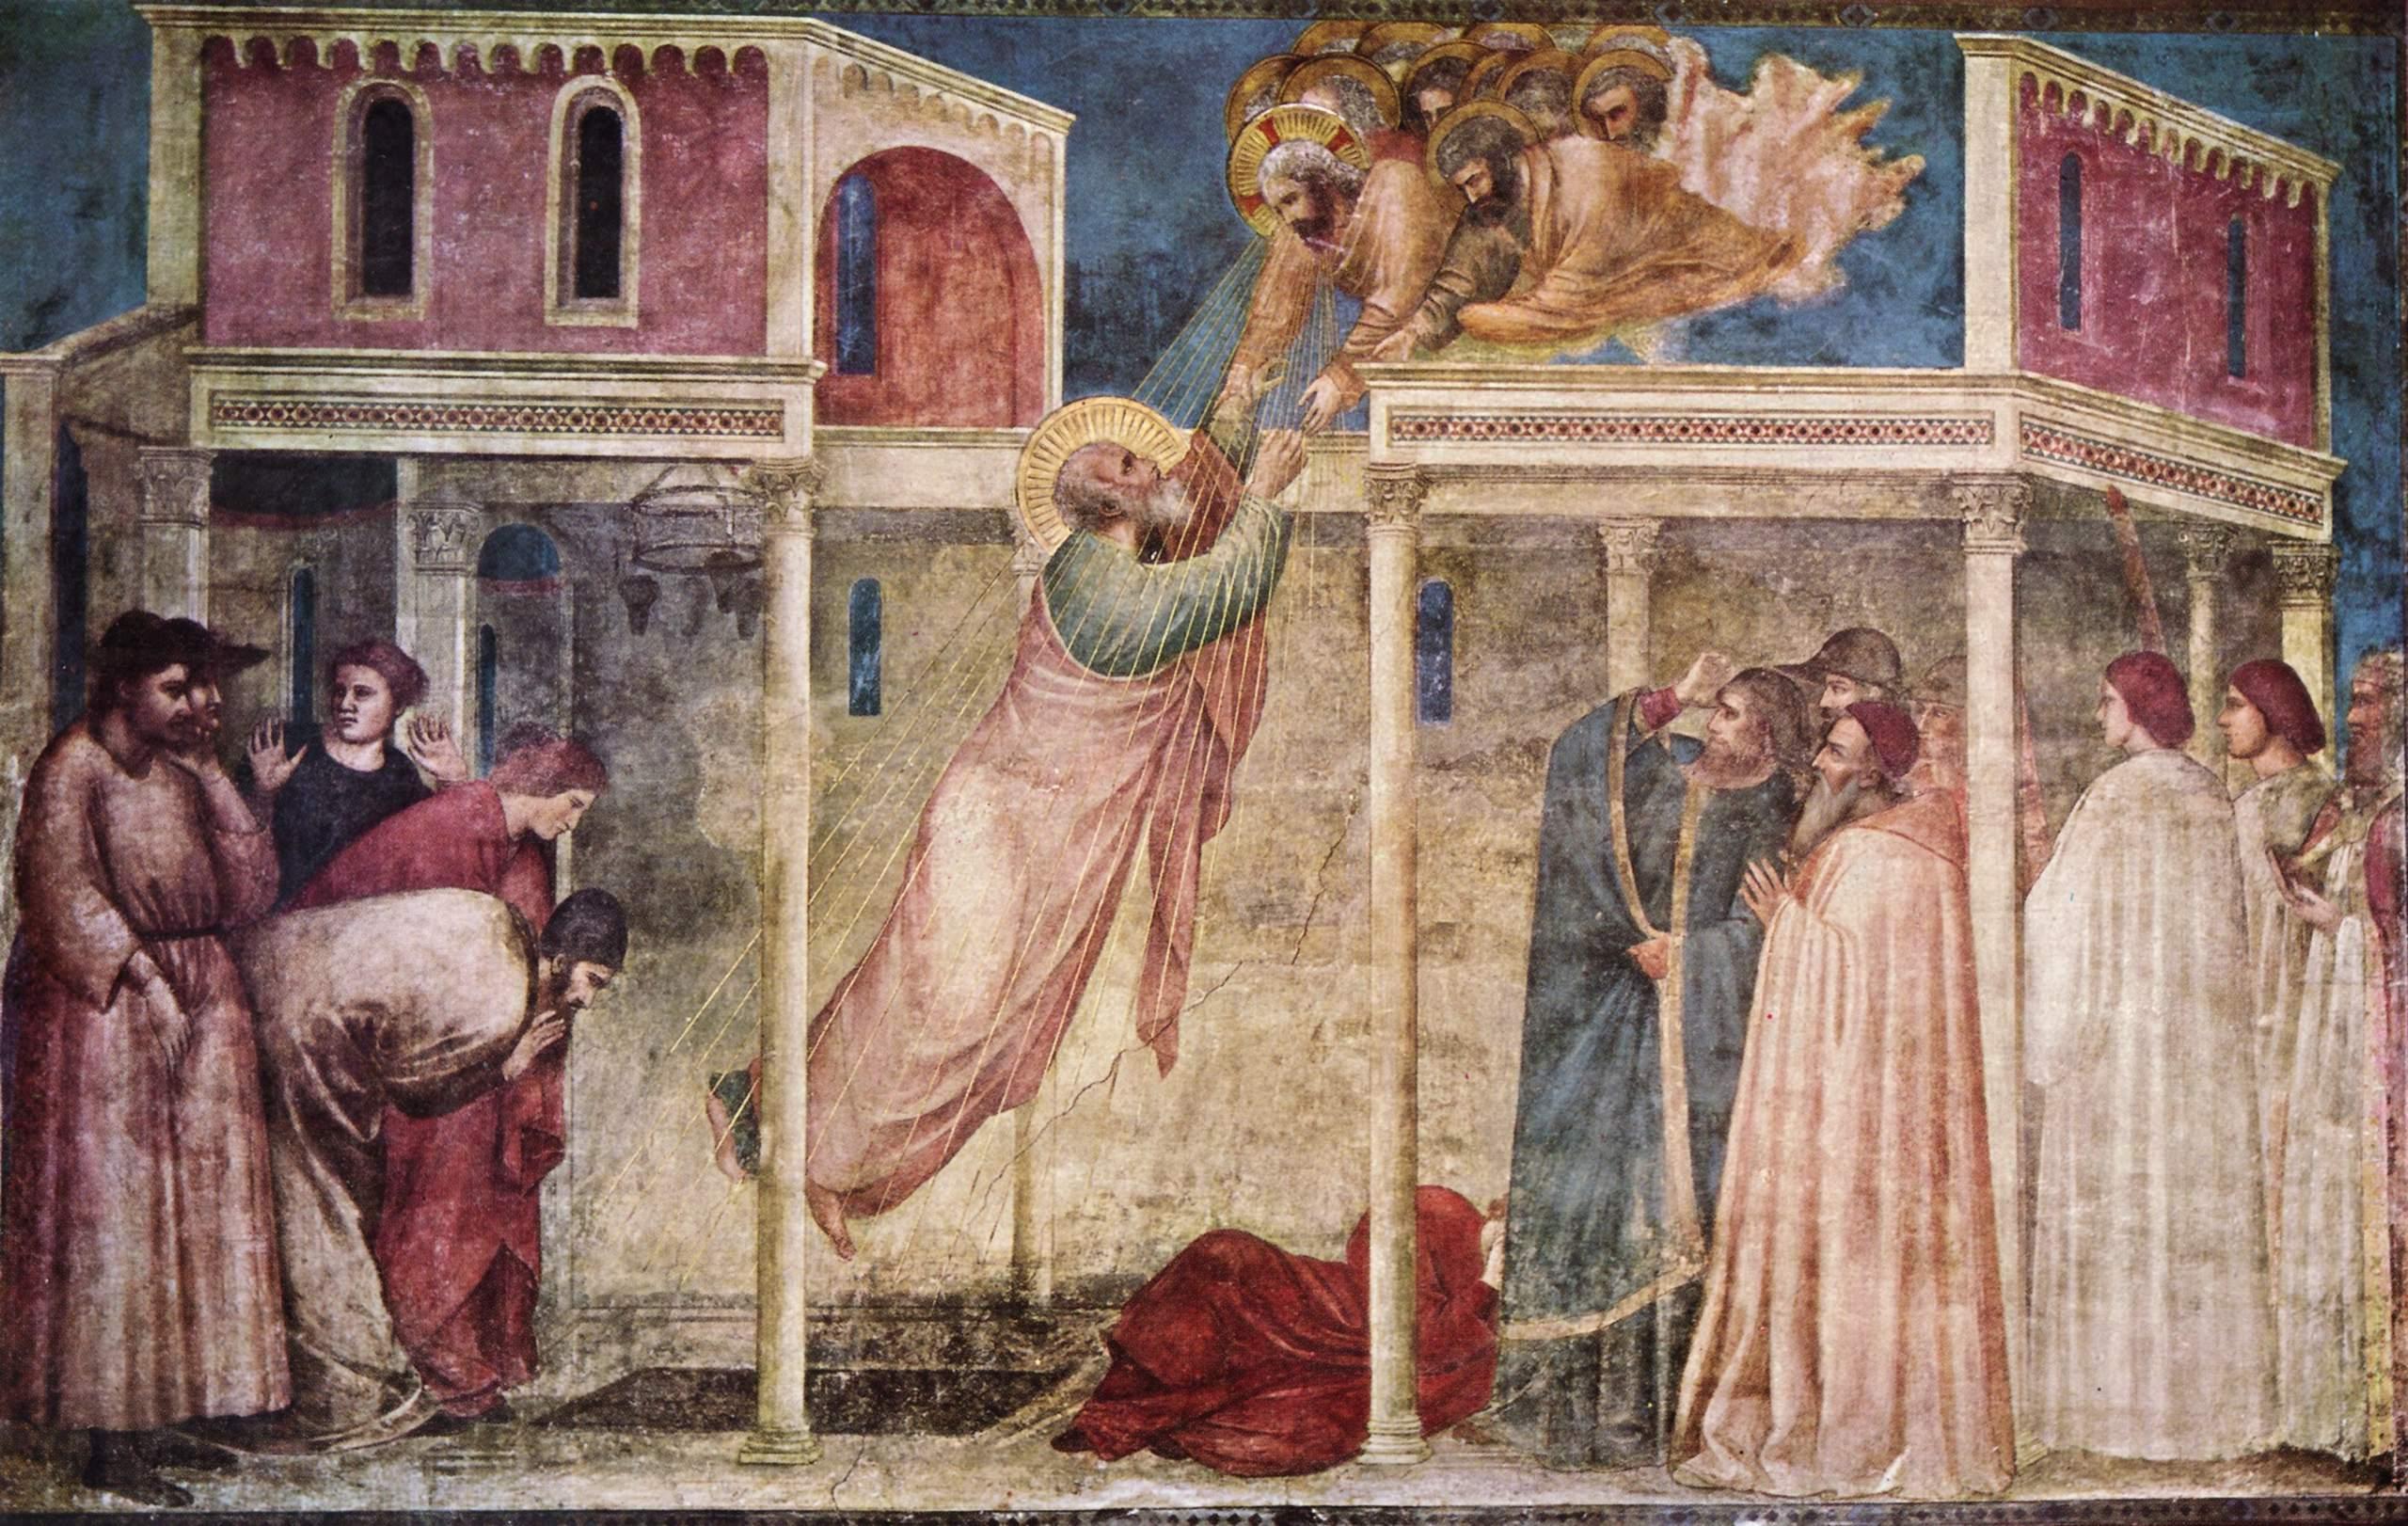 Цикл фресок капеллы Перуцци [08]. Санта Кроче во Флоренции. Вознесение евангелиста Иоанна, Джотто ди Бондоне